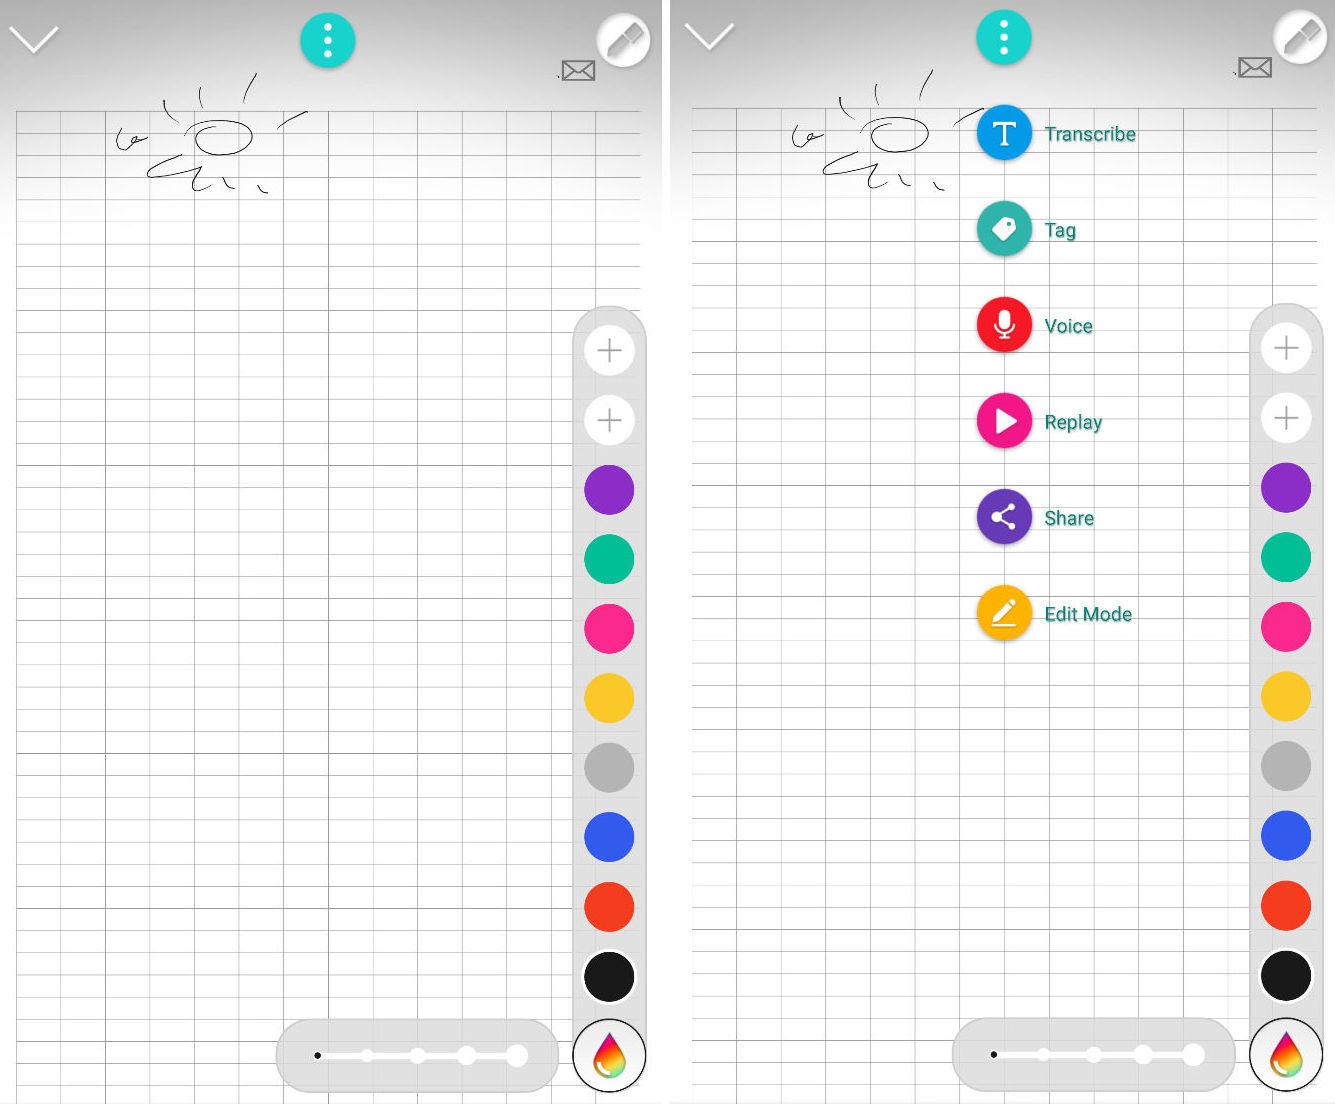 Обзор Neo Smart Pen 2 — умная ручка с умным блокнотом - 5